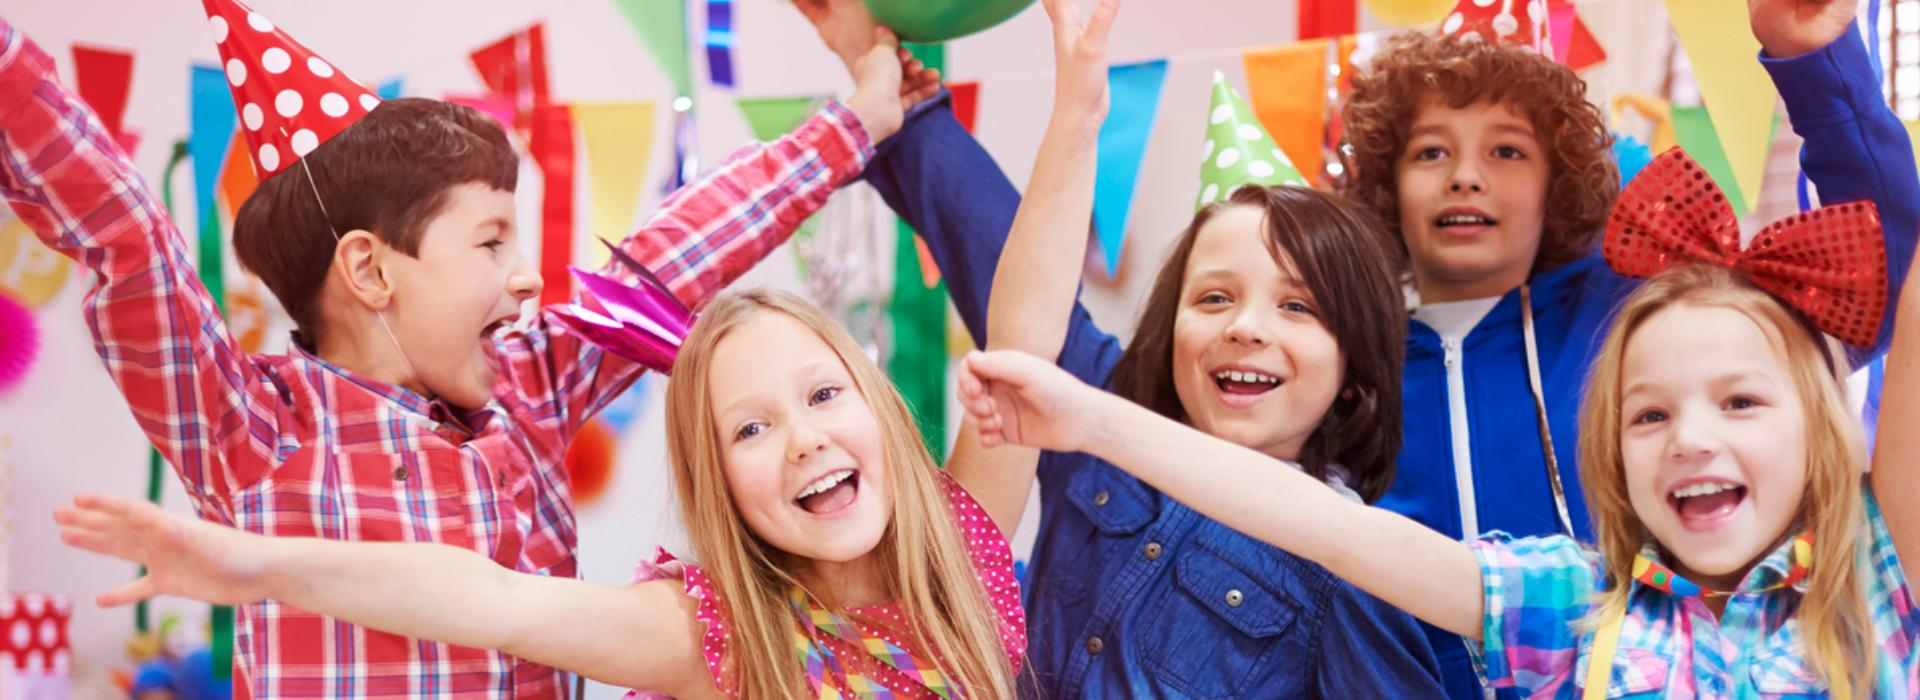 Fiestas infantiles en Temuco